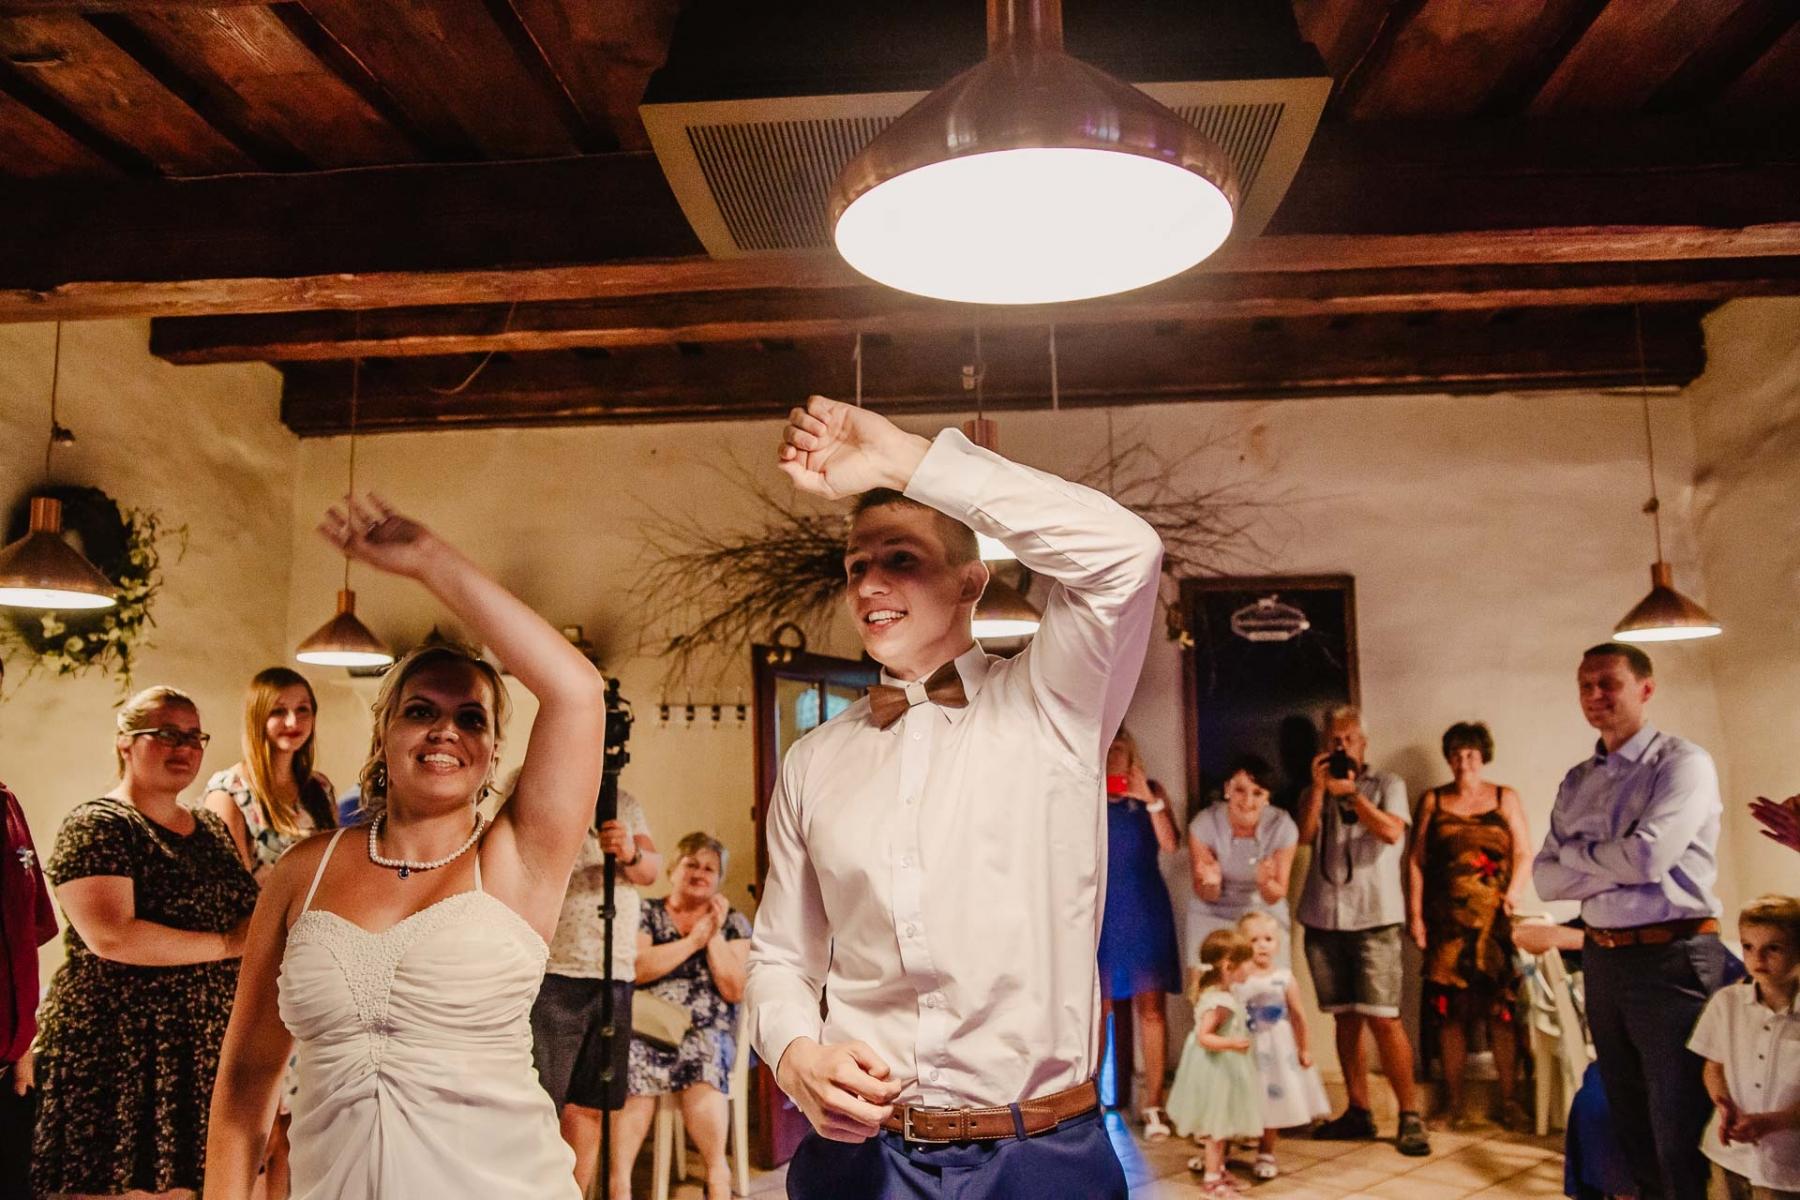 svatební fotograf zámek Mníšek pod Brdy, svatba na zámku, letní nejkrásnější zámecká svatba, Bára a Ondra-149